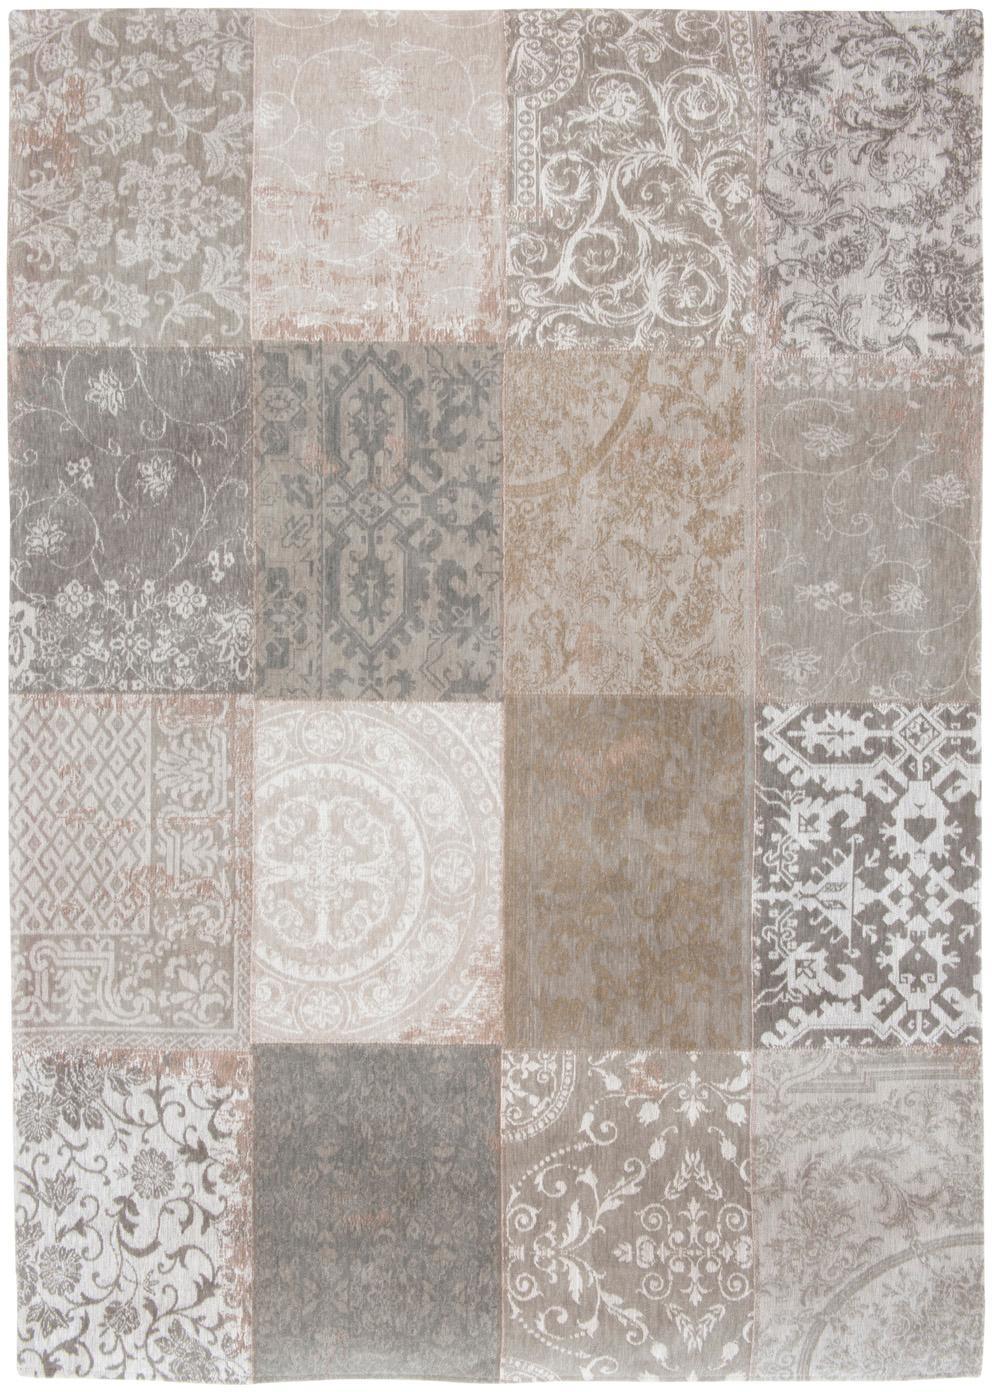 Tappeto con disegno patchwork Multi, Retro: Miscela di cotone, rivest, Beige, grigio, Larg. 200 x Lung. 280 cm (taglia L)